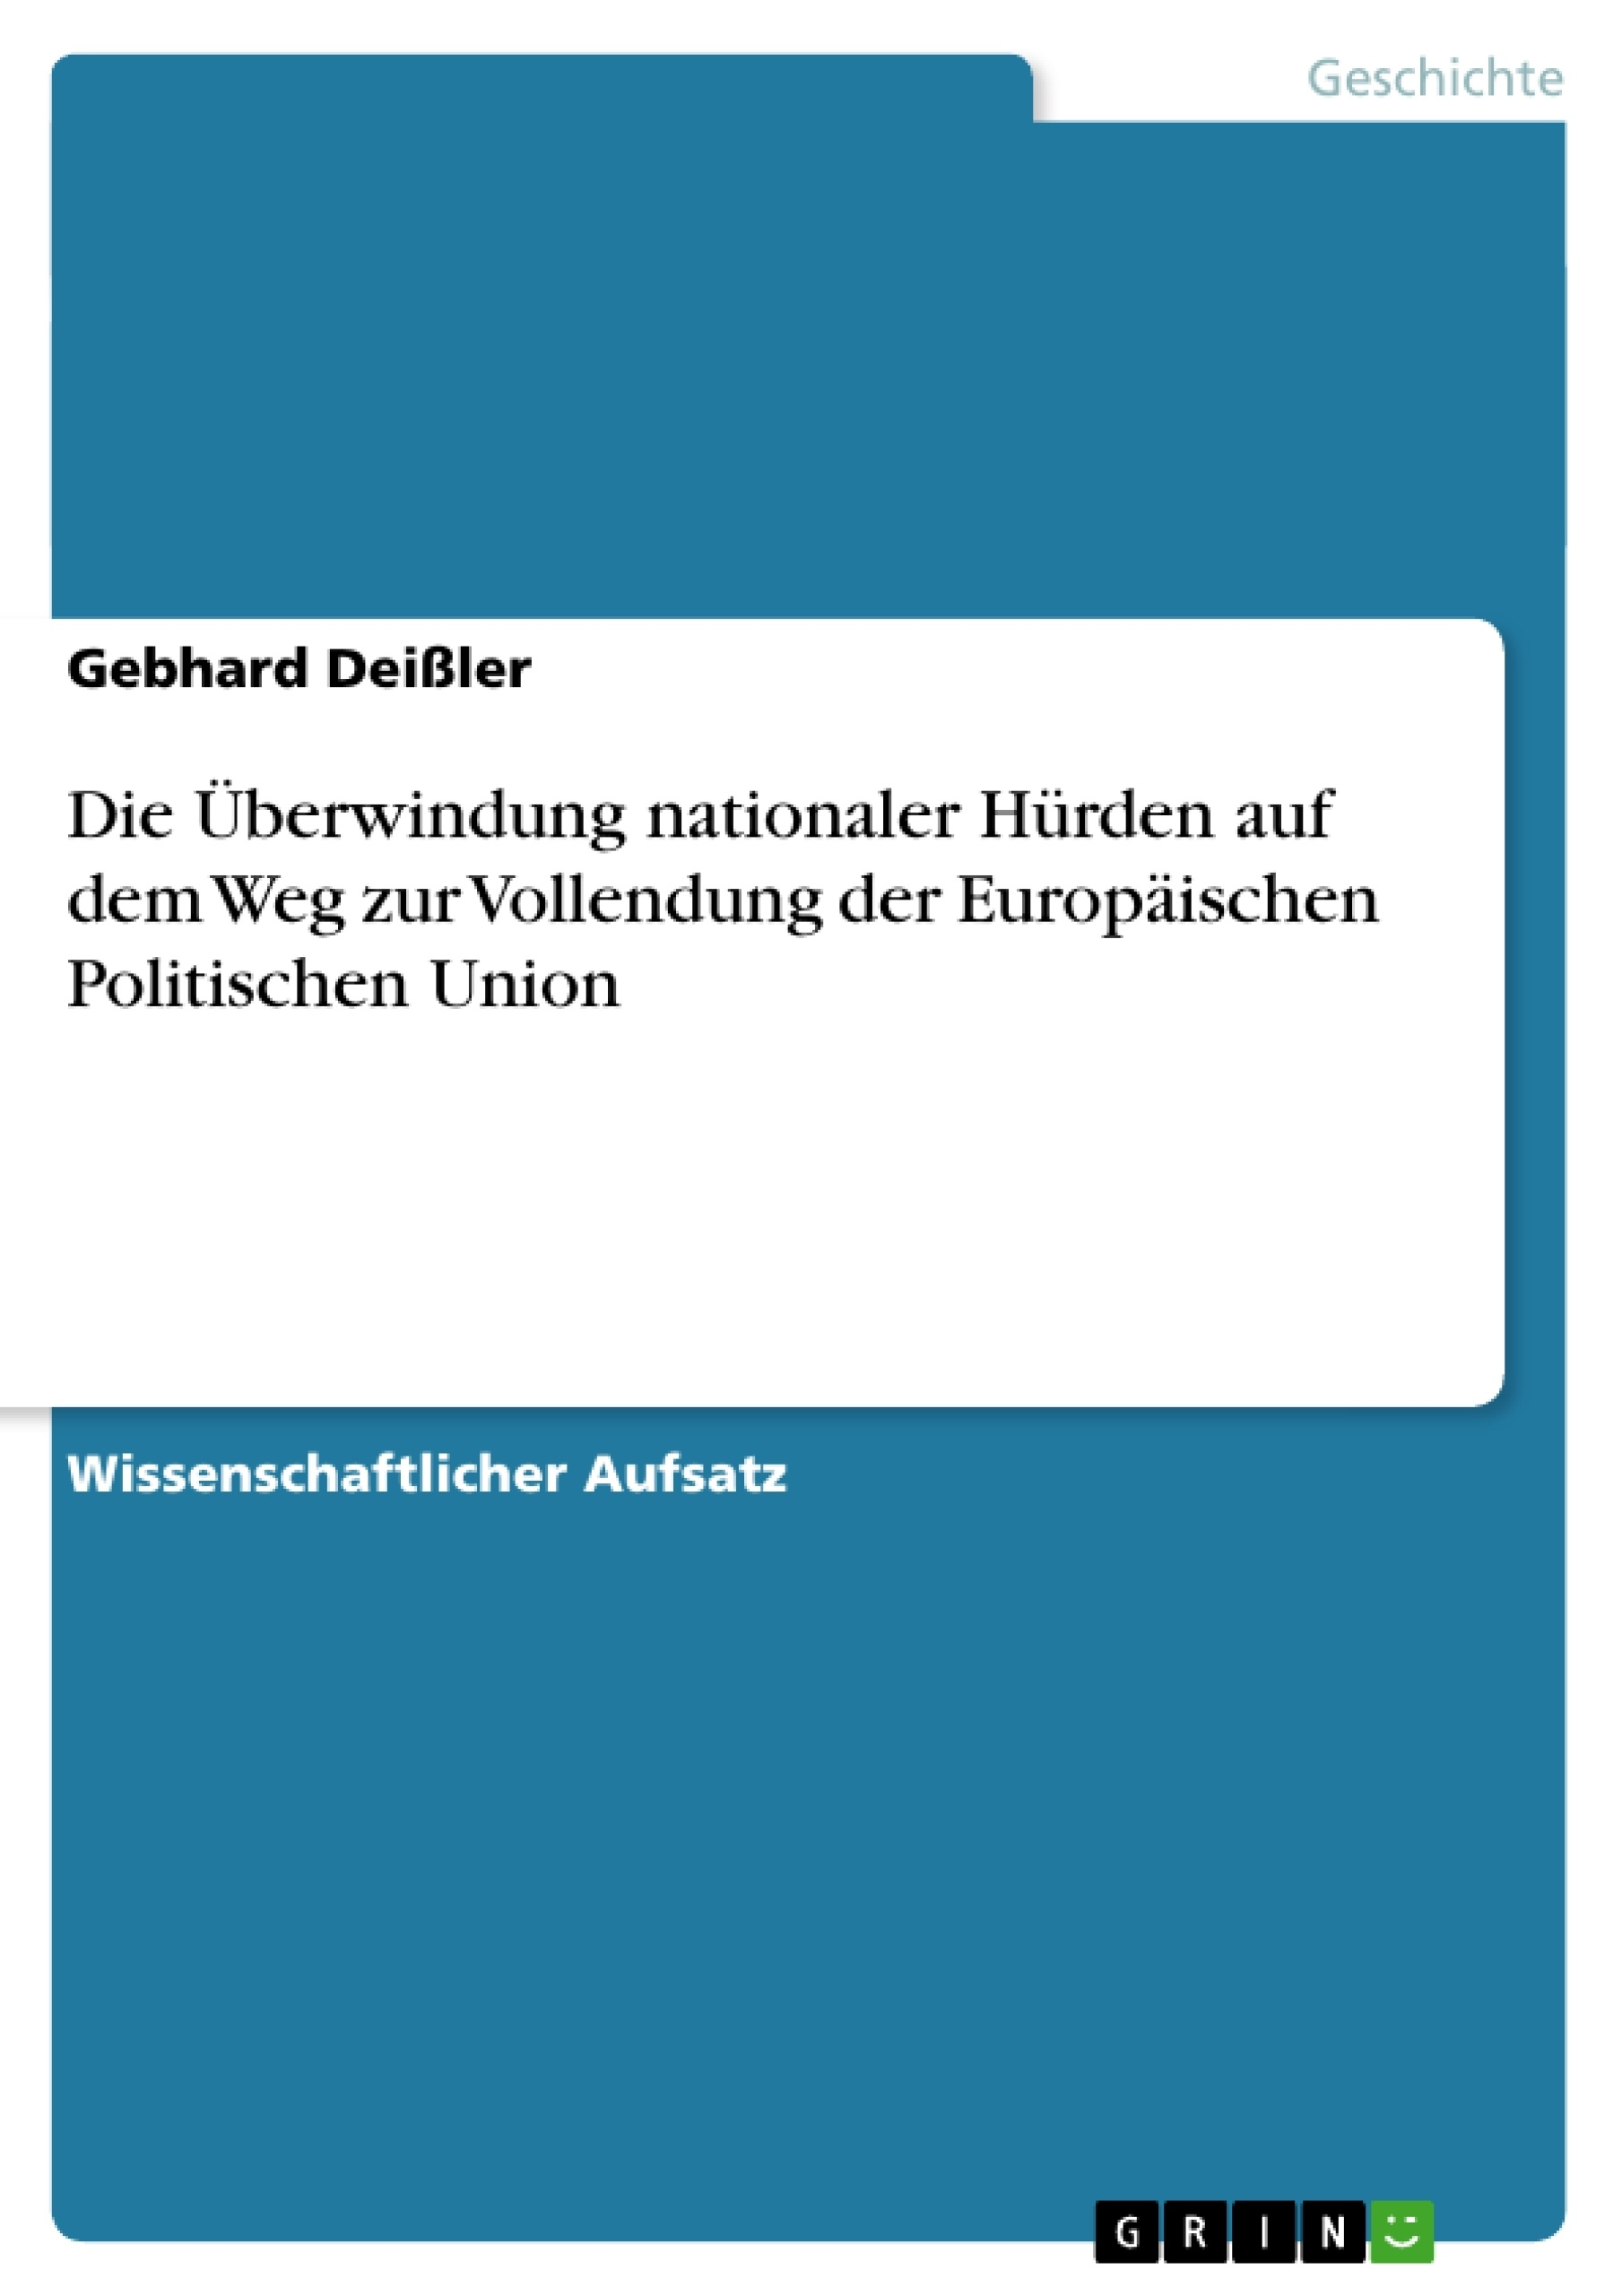 Titel: Die Überwindung nationaler Hürden auf dem Weg zur Vollendung der Europäischen Politischen Union